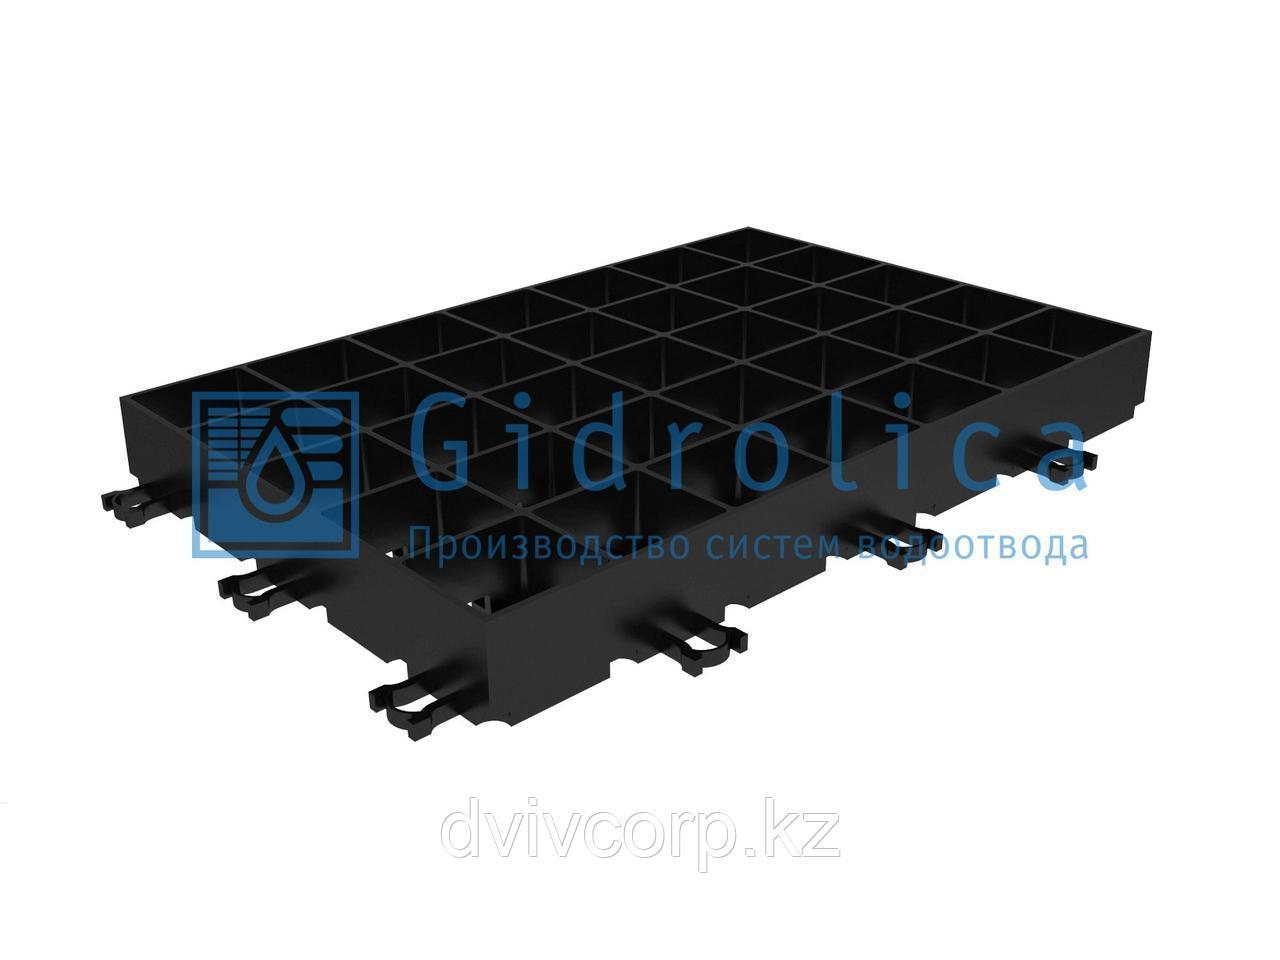 Арт. 602 Газонная Решетка Gidrolica Eco Super РГ-60.40.6,4 - пластиковая черная